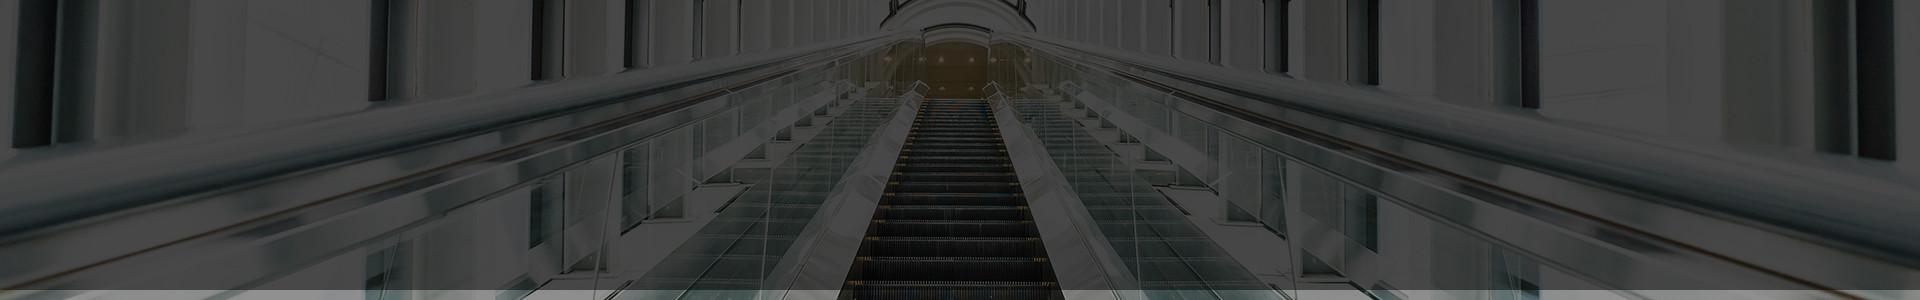 merdiven01 - GRE Serisi Yürüyen Merdiven